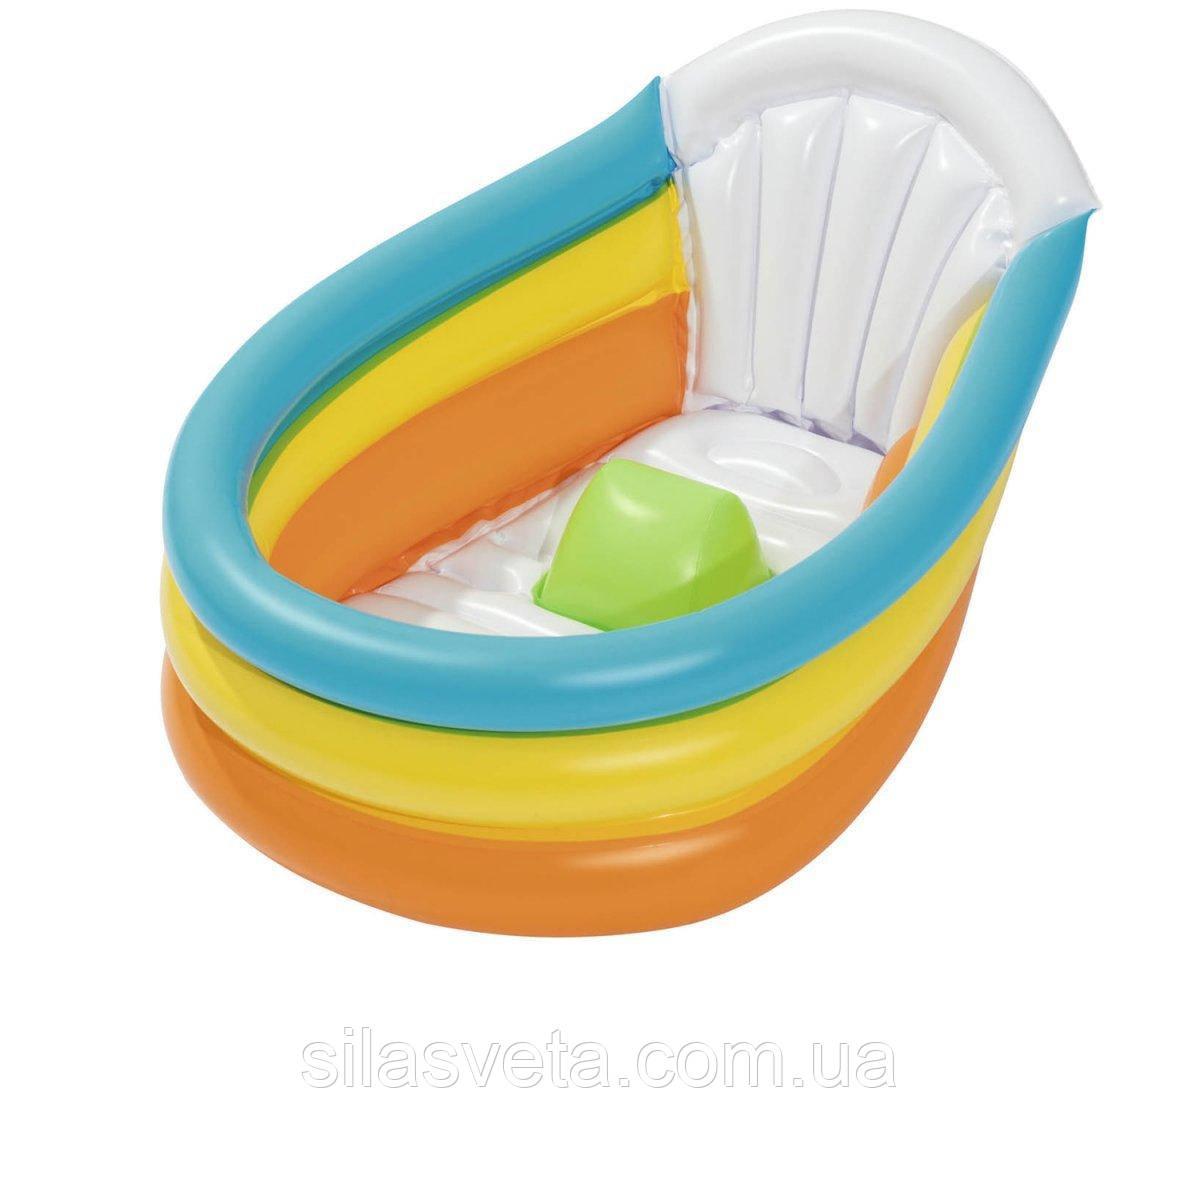 Надувной детский бассейн с термометром и надувным дном 51134 (76х48х33 см.)